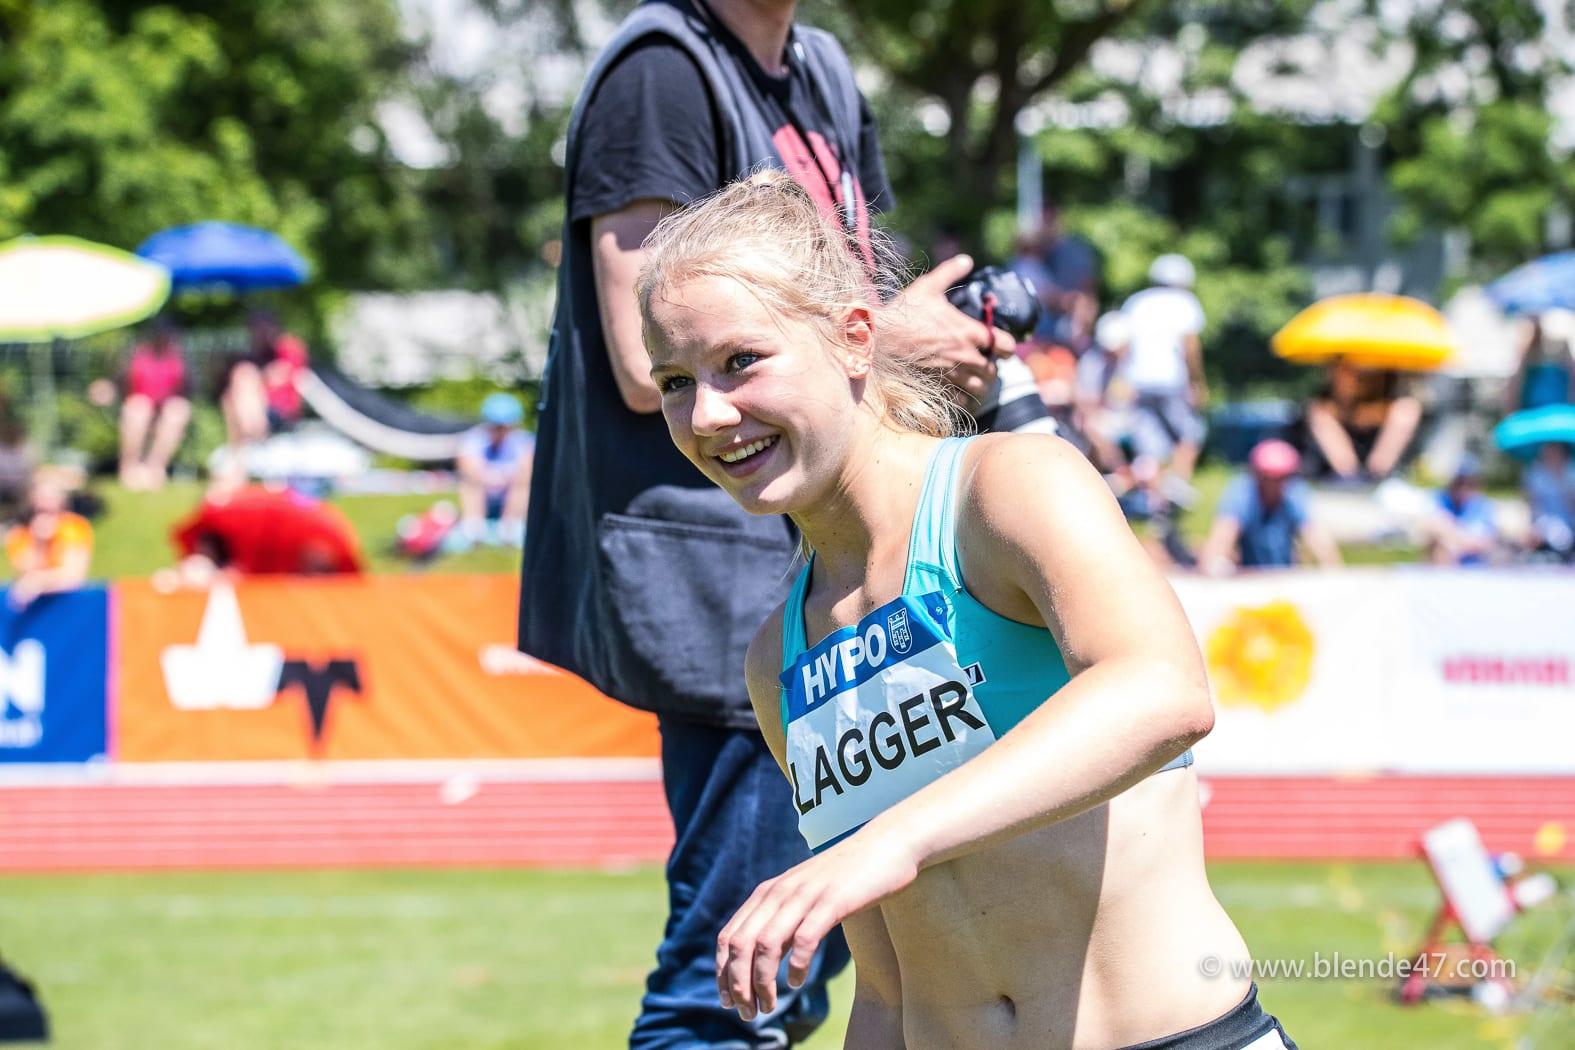 Goetzis, Oesterreich, 27.5.2017, Sport,  Leichtathletik - Hypo Meeting Goetzis. Bild zeigt Sarah Lagger (AUT).  27/05/17, Goetzis, Austria, sport, Leichtathletik - Hypo Meeting Goetzis. Image shows Sarah Lagger (AUT).